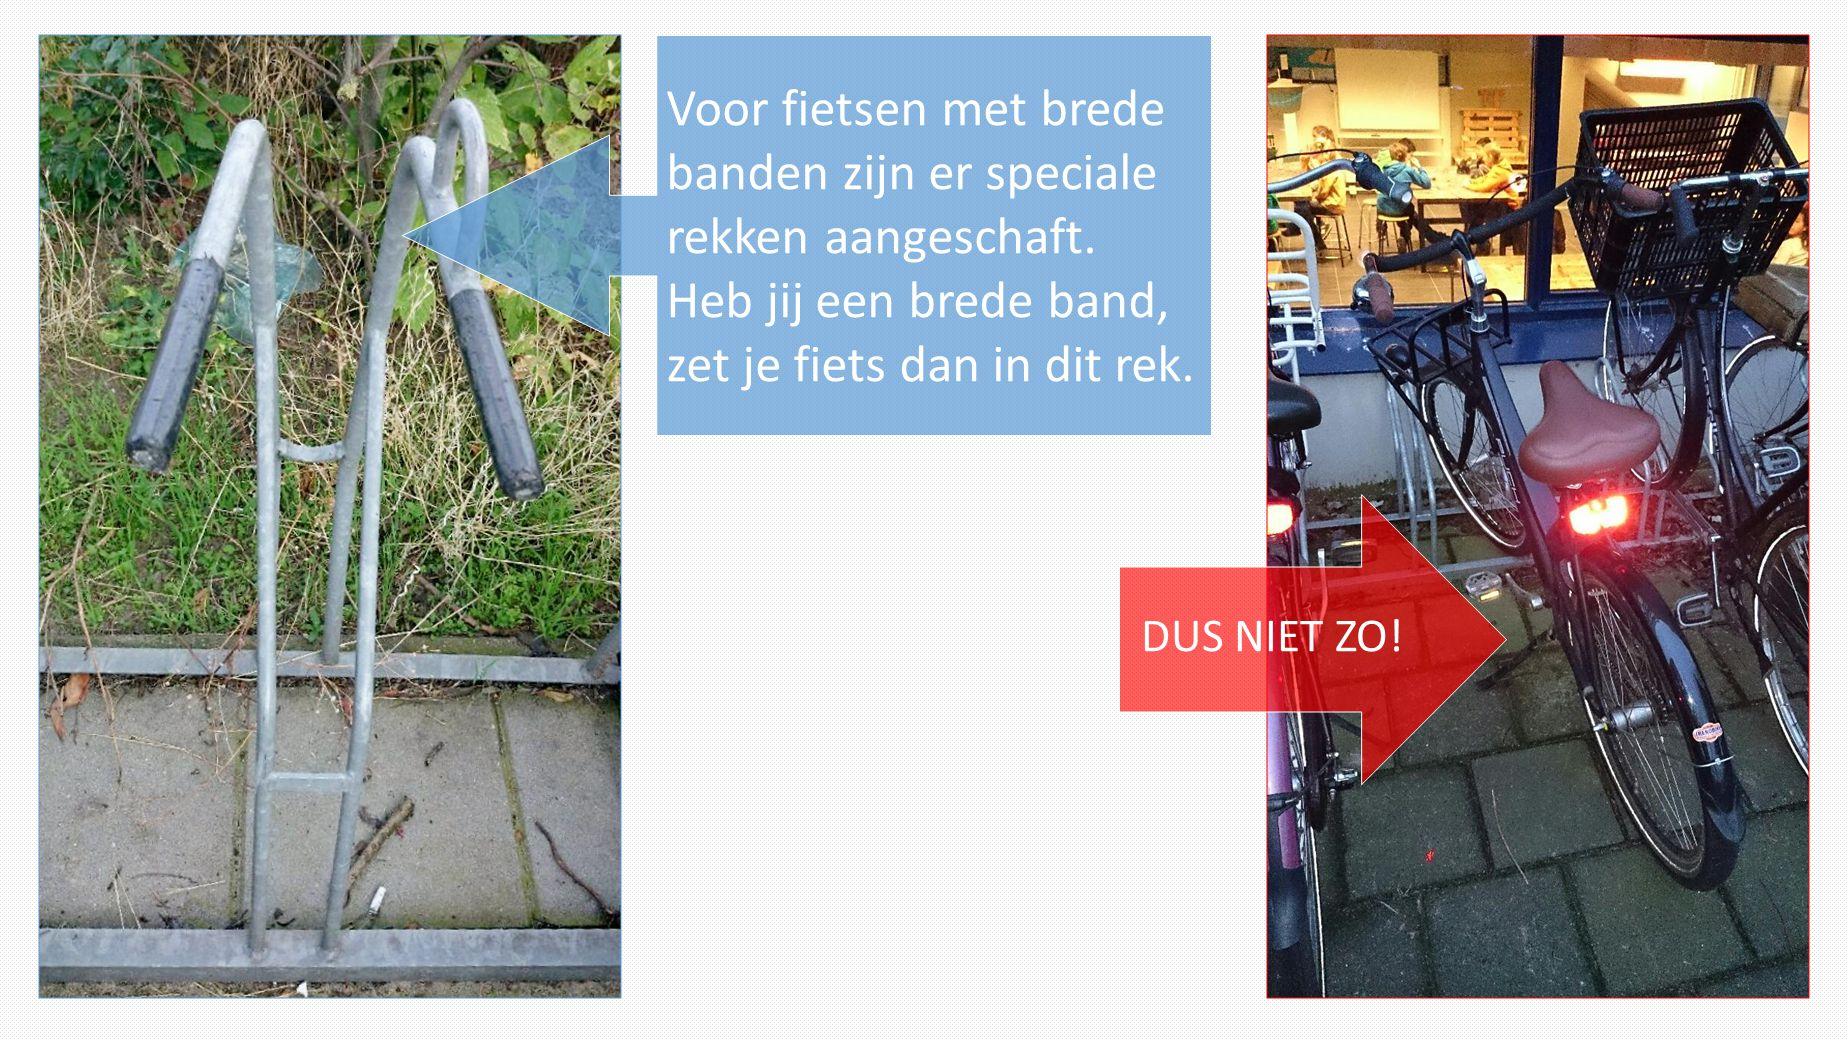 DUS NIET ZO! Voor fietsen met brede banden zijn er speciale rekken aangeschaft. Heb jij een brede band, zet je fiets dan in dit rek.